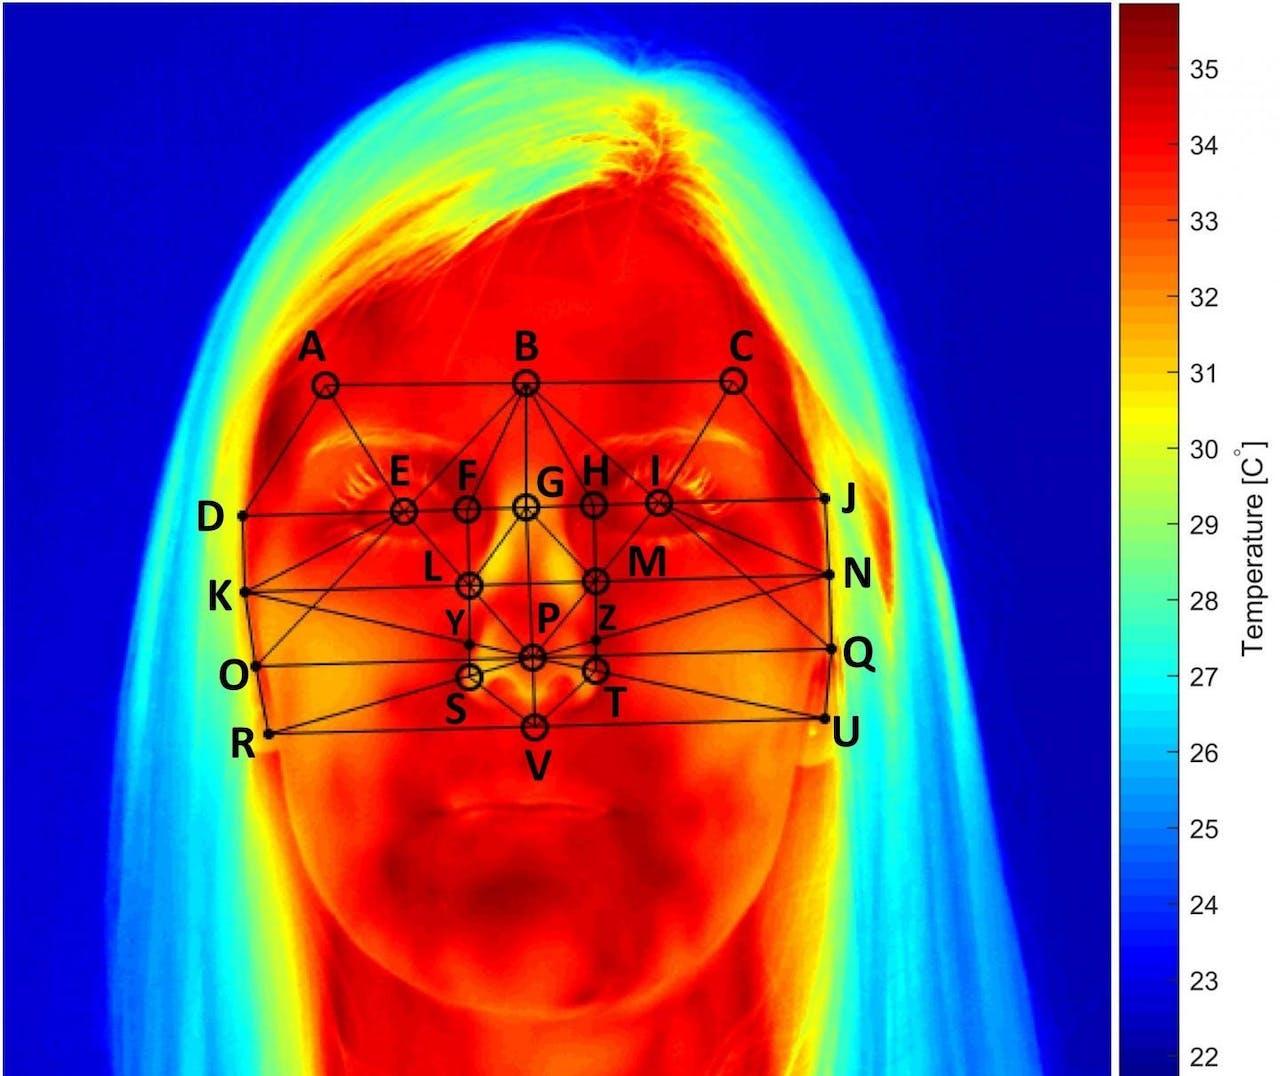 Warmtebeeld uit het onderzoek. Bij hoge concentratie nam de temperatuur van de huid boven de neusvleugels met 2 tot 3 graden Celsius af.